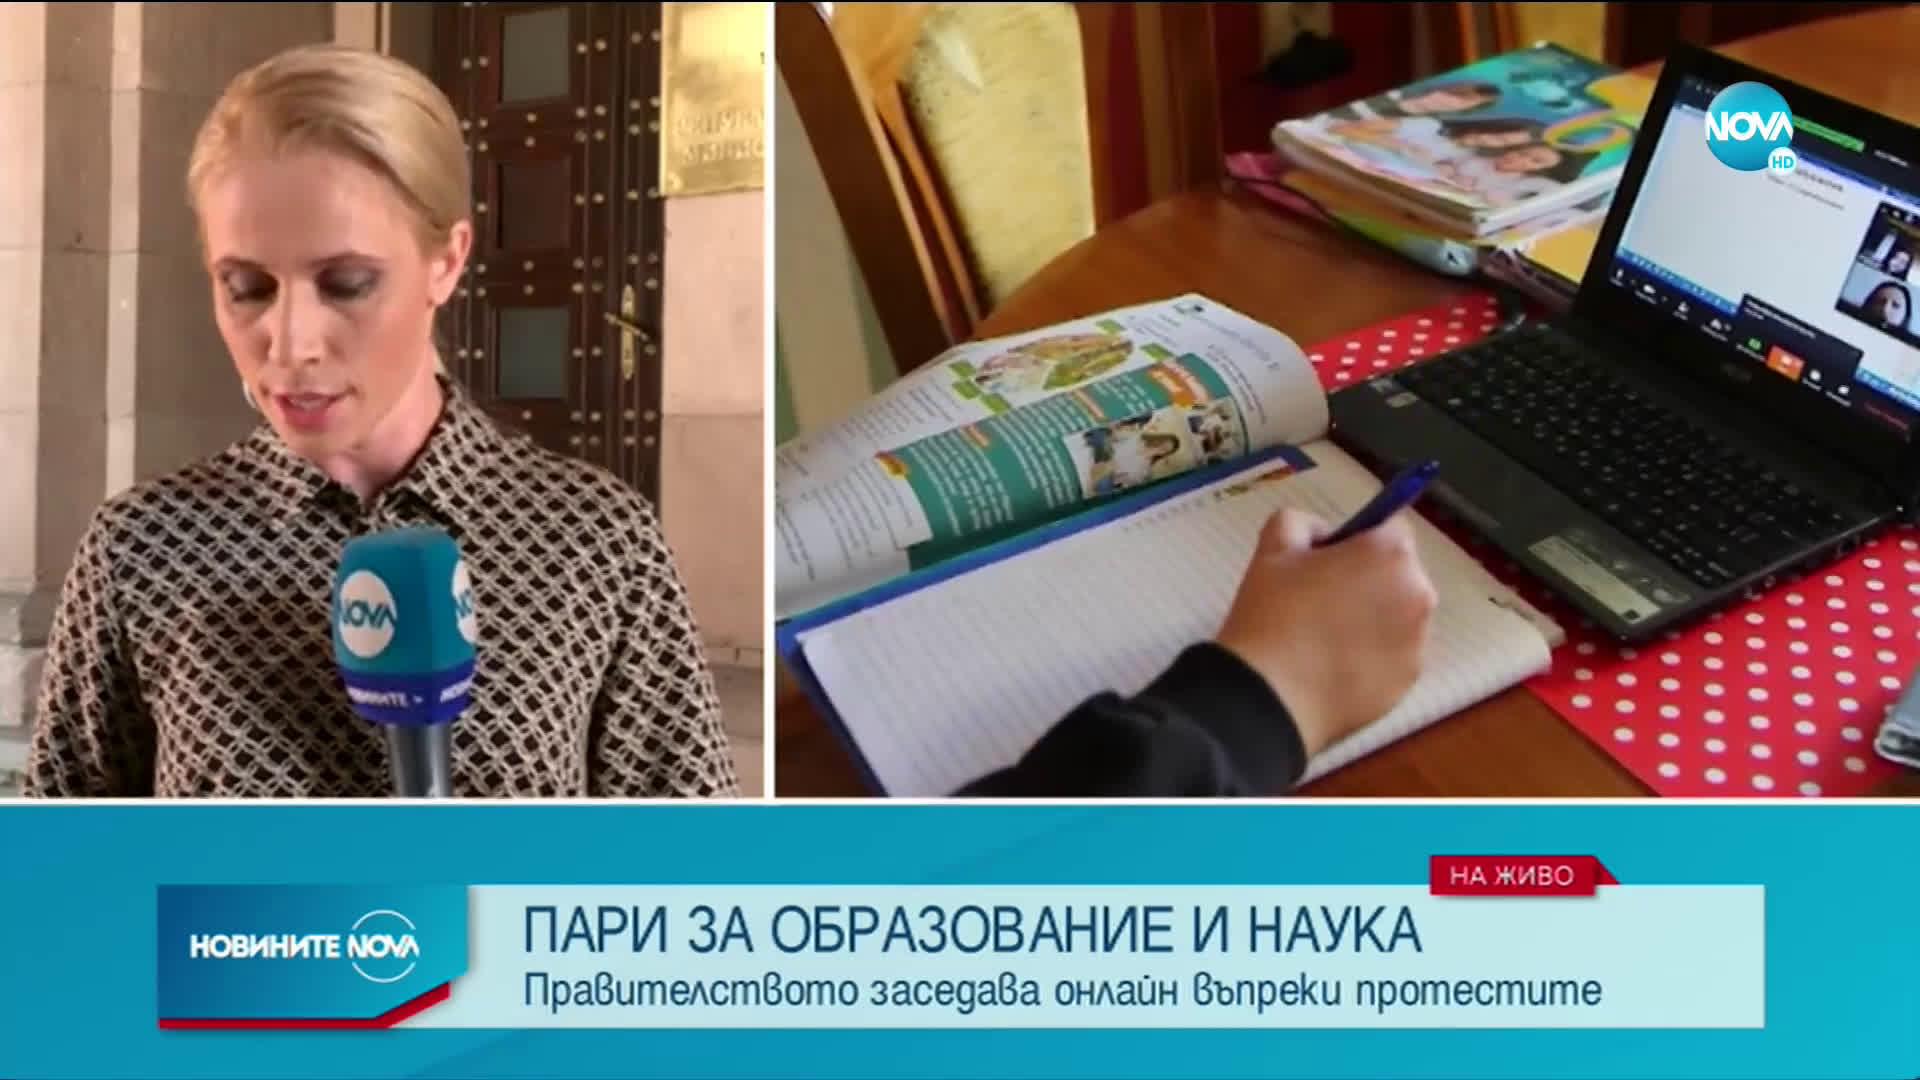 Борисов: 16,5 млн. лв. за модернизиране на кабинетите по математика и природни науки